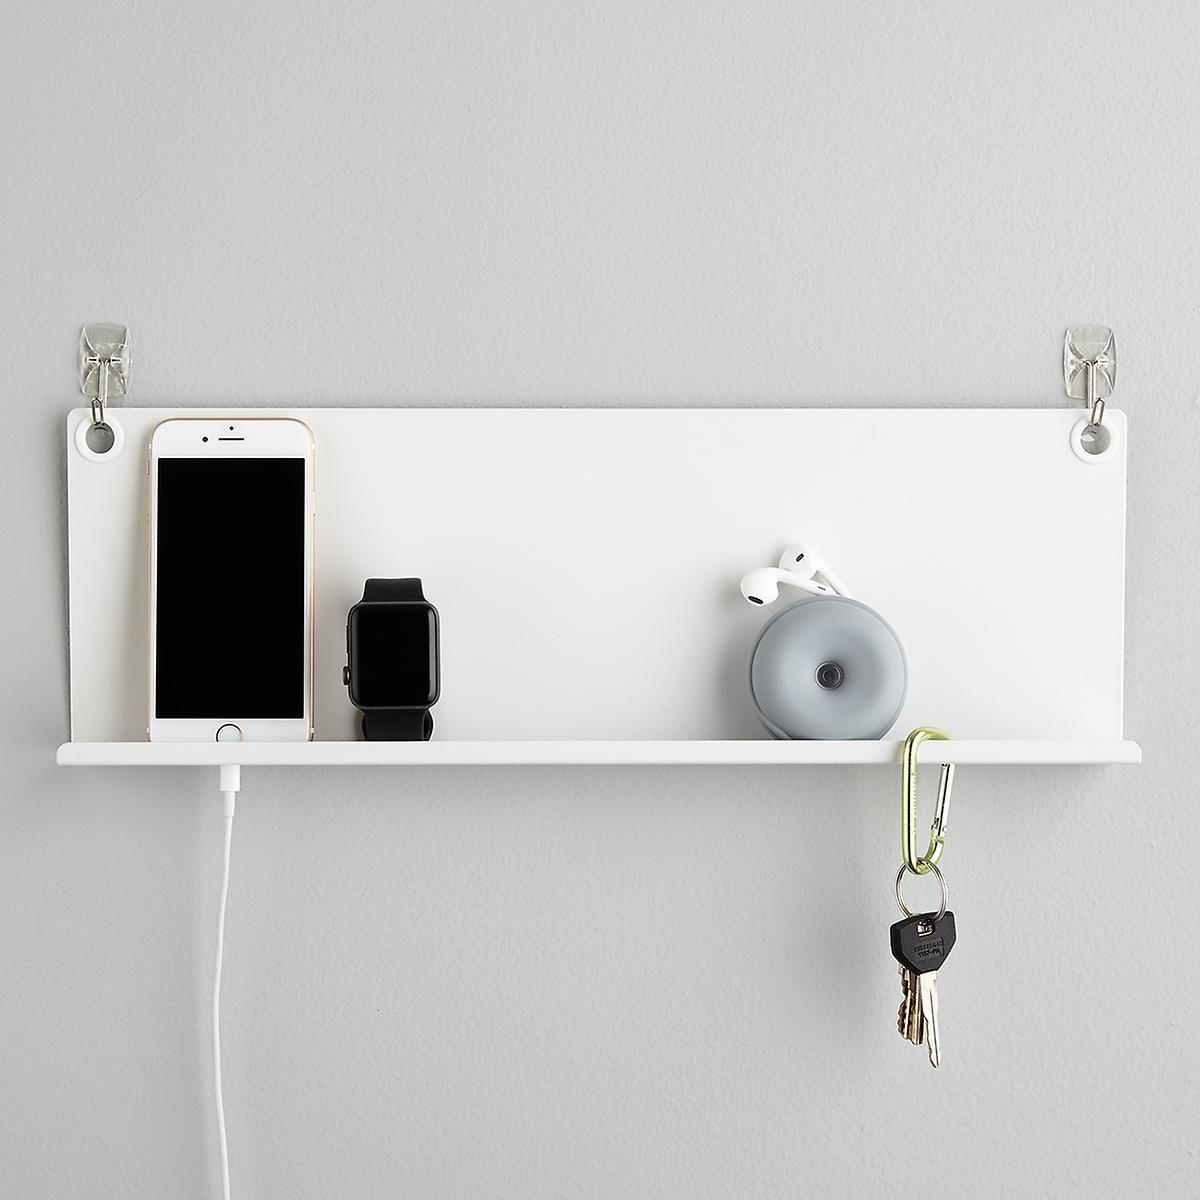 Umbra Levit White Tech Shelf In 2020 Shelves Metal Wall Shelves Wall Shelves Design